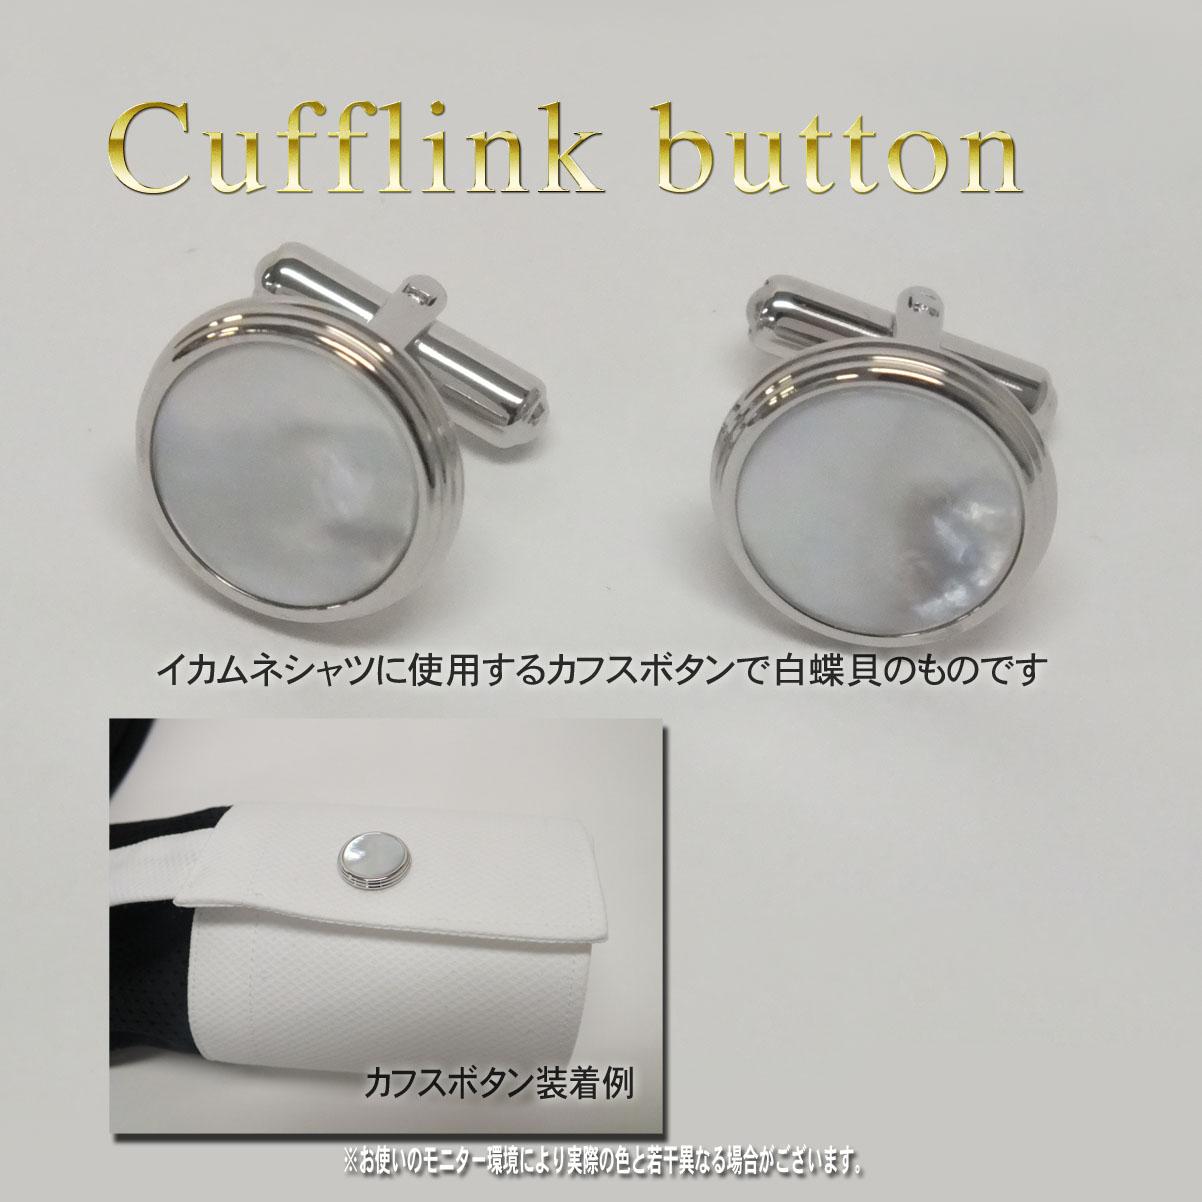 カフスボタン(2個1組) Cufflink button cufflinks